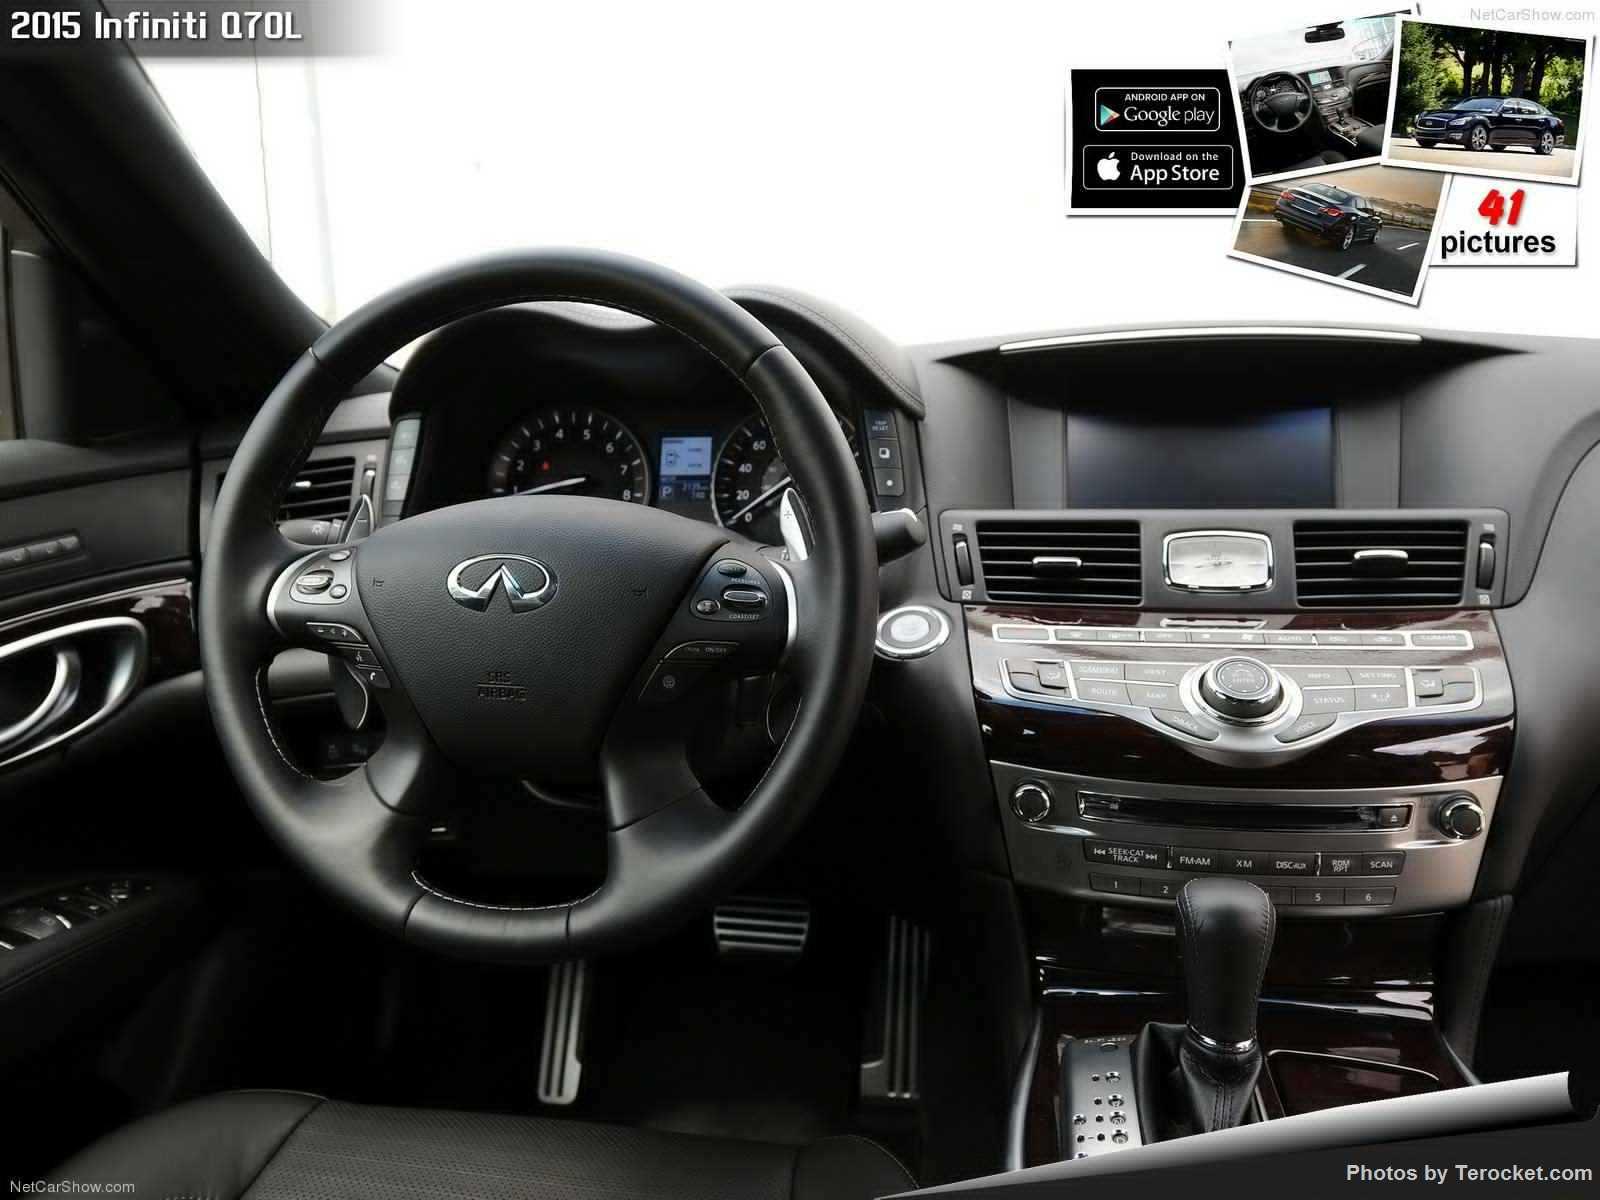 Hình ảnh xe ô tô Infiniti Q70L 2015 & nội ngoại thất